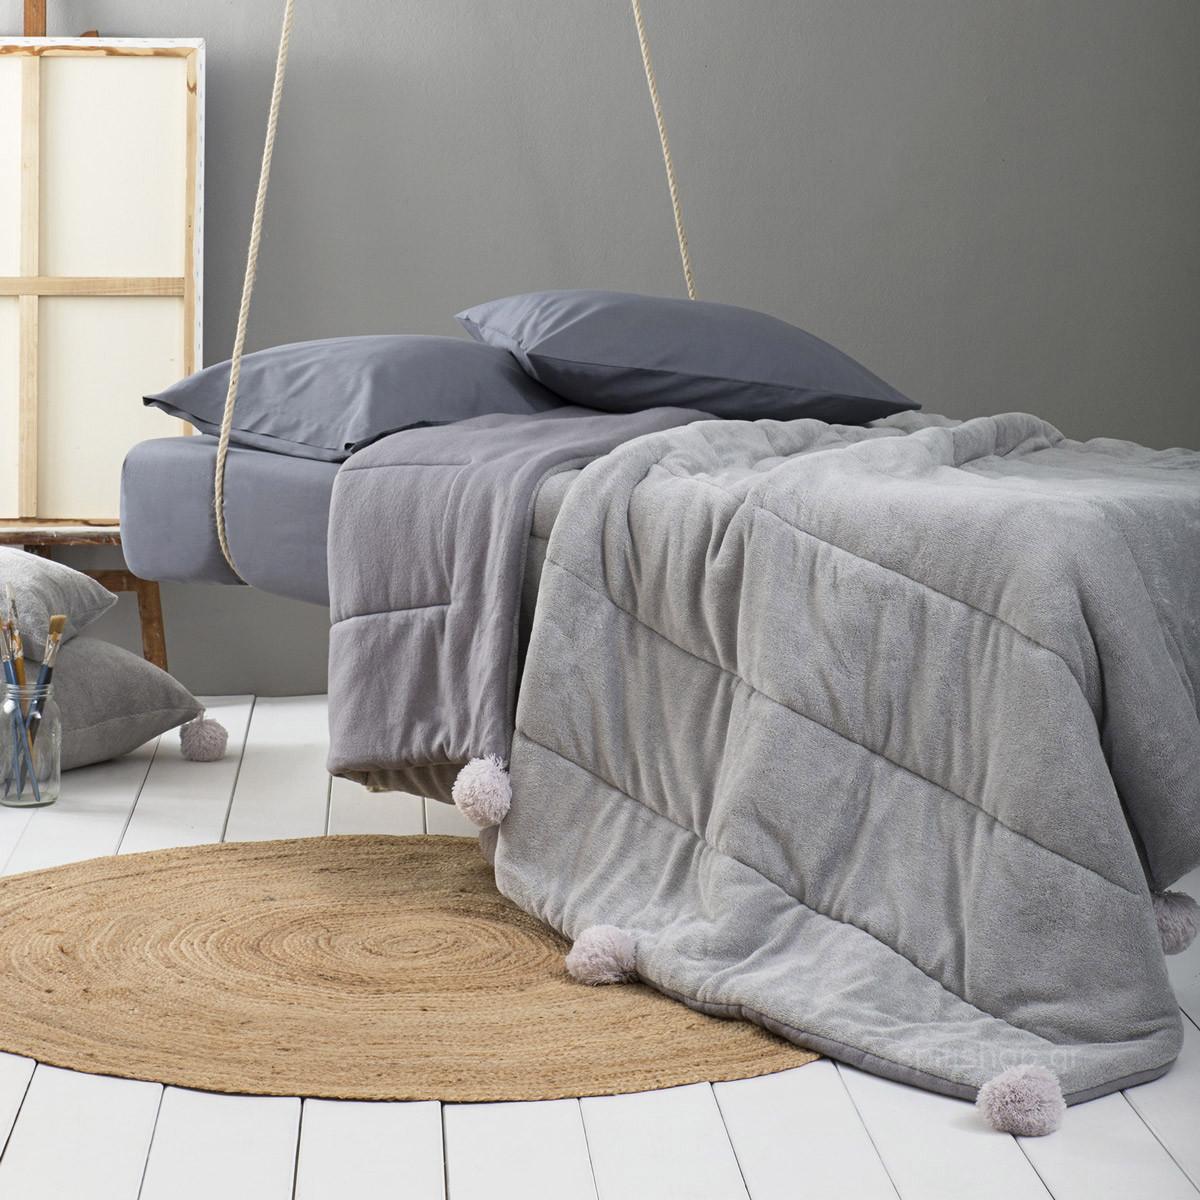 Κουβερτοπάπλωμα Υπέρδιπλο Nima Layers Agile Grey home   κρεβατοκάμαρα   παπλώματα   κουβερτοπαπλώματα